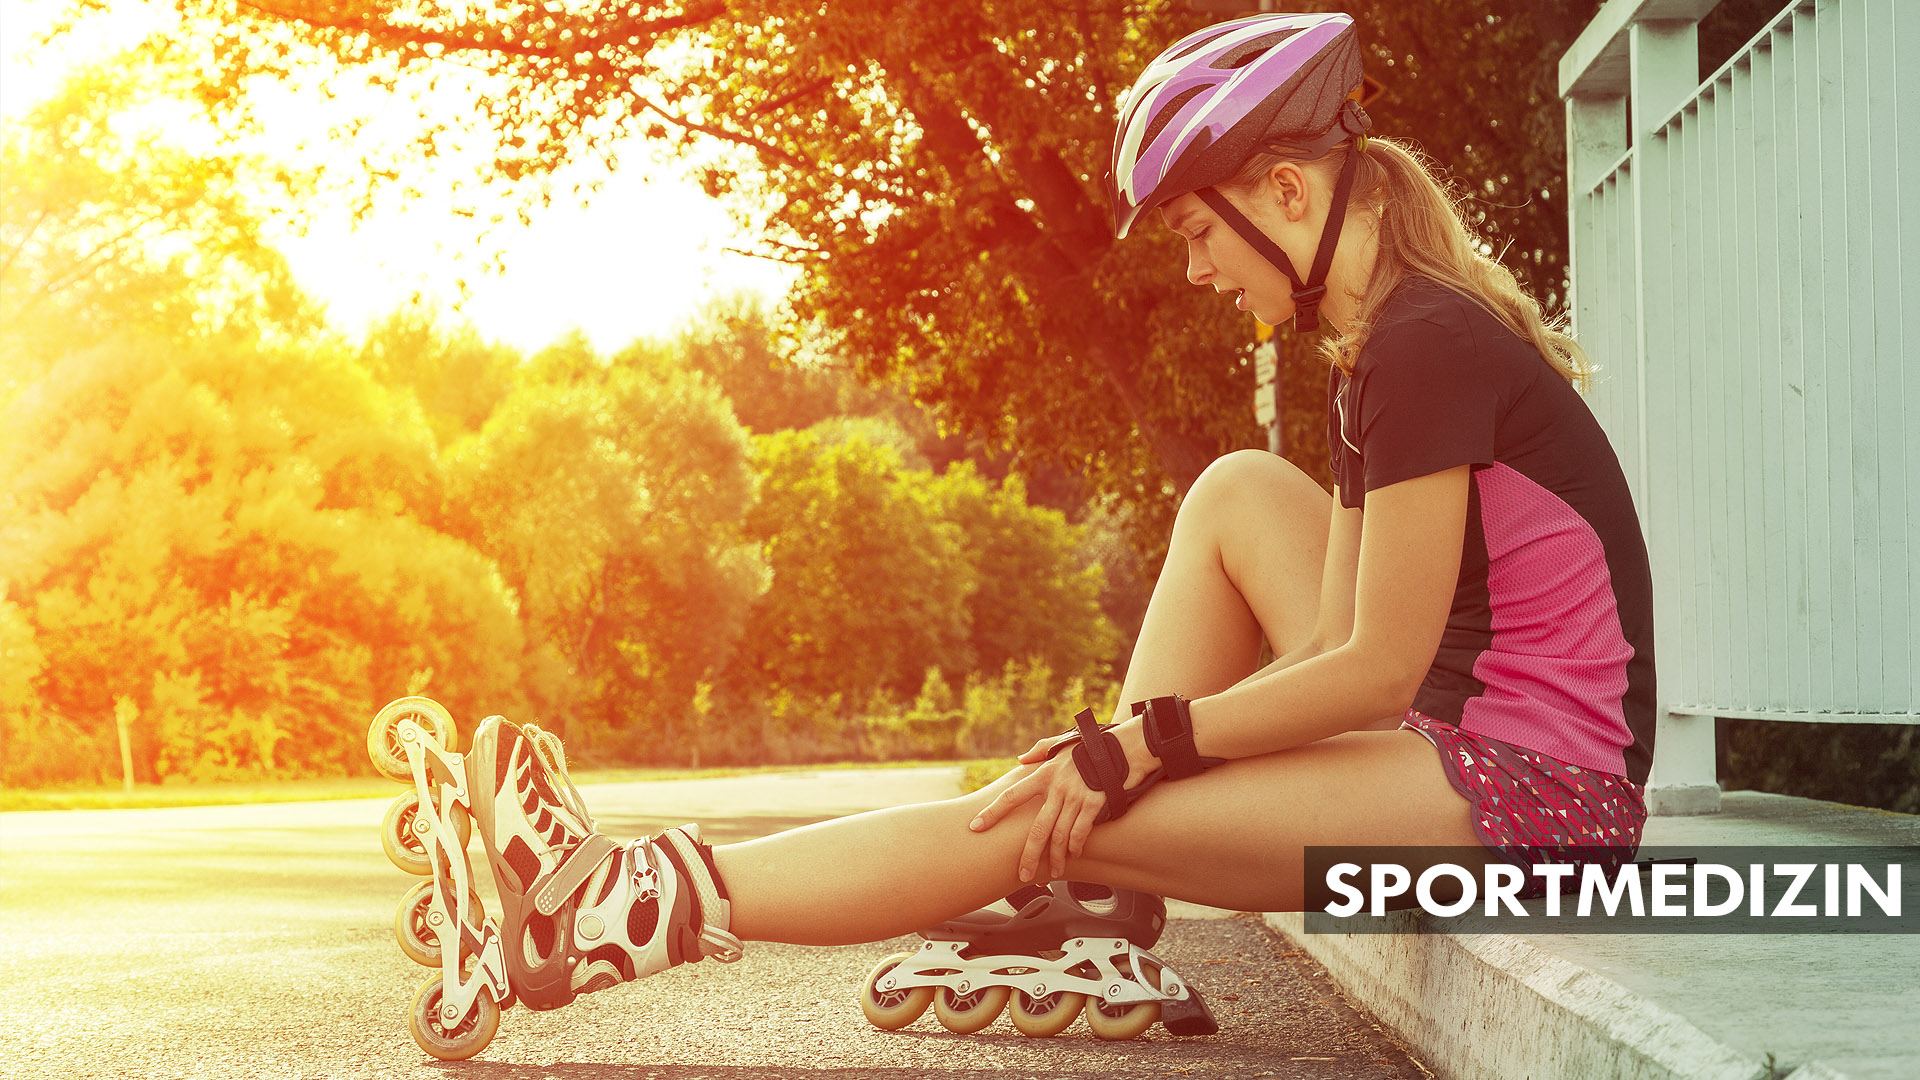 Sportmedizin Imageproduktion für Sprühpflaster